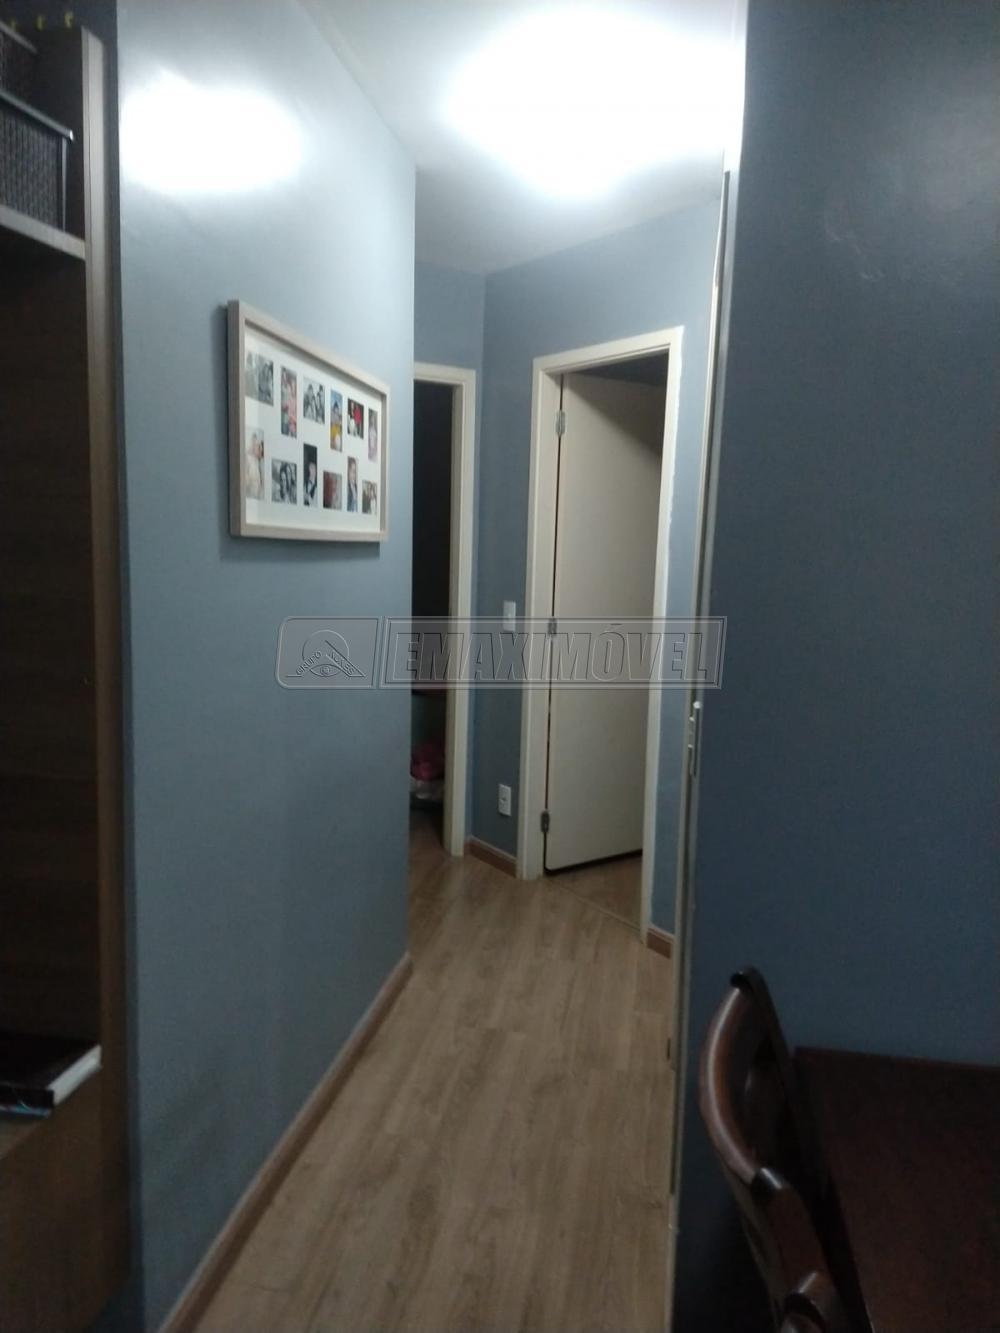 Comprar Apartamento / Padrão em Sorocaba R$ 345.000,00 - Foto 3